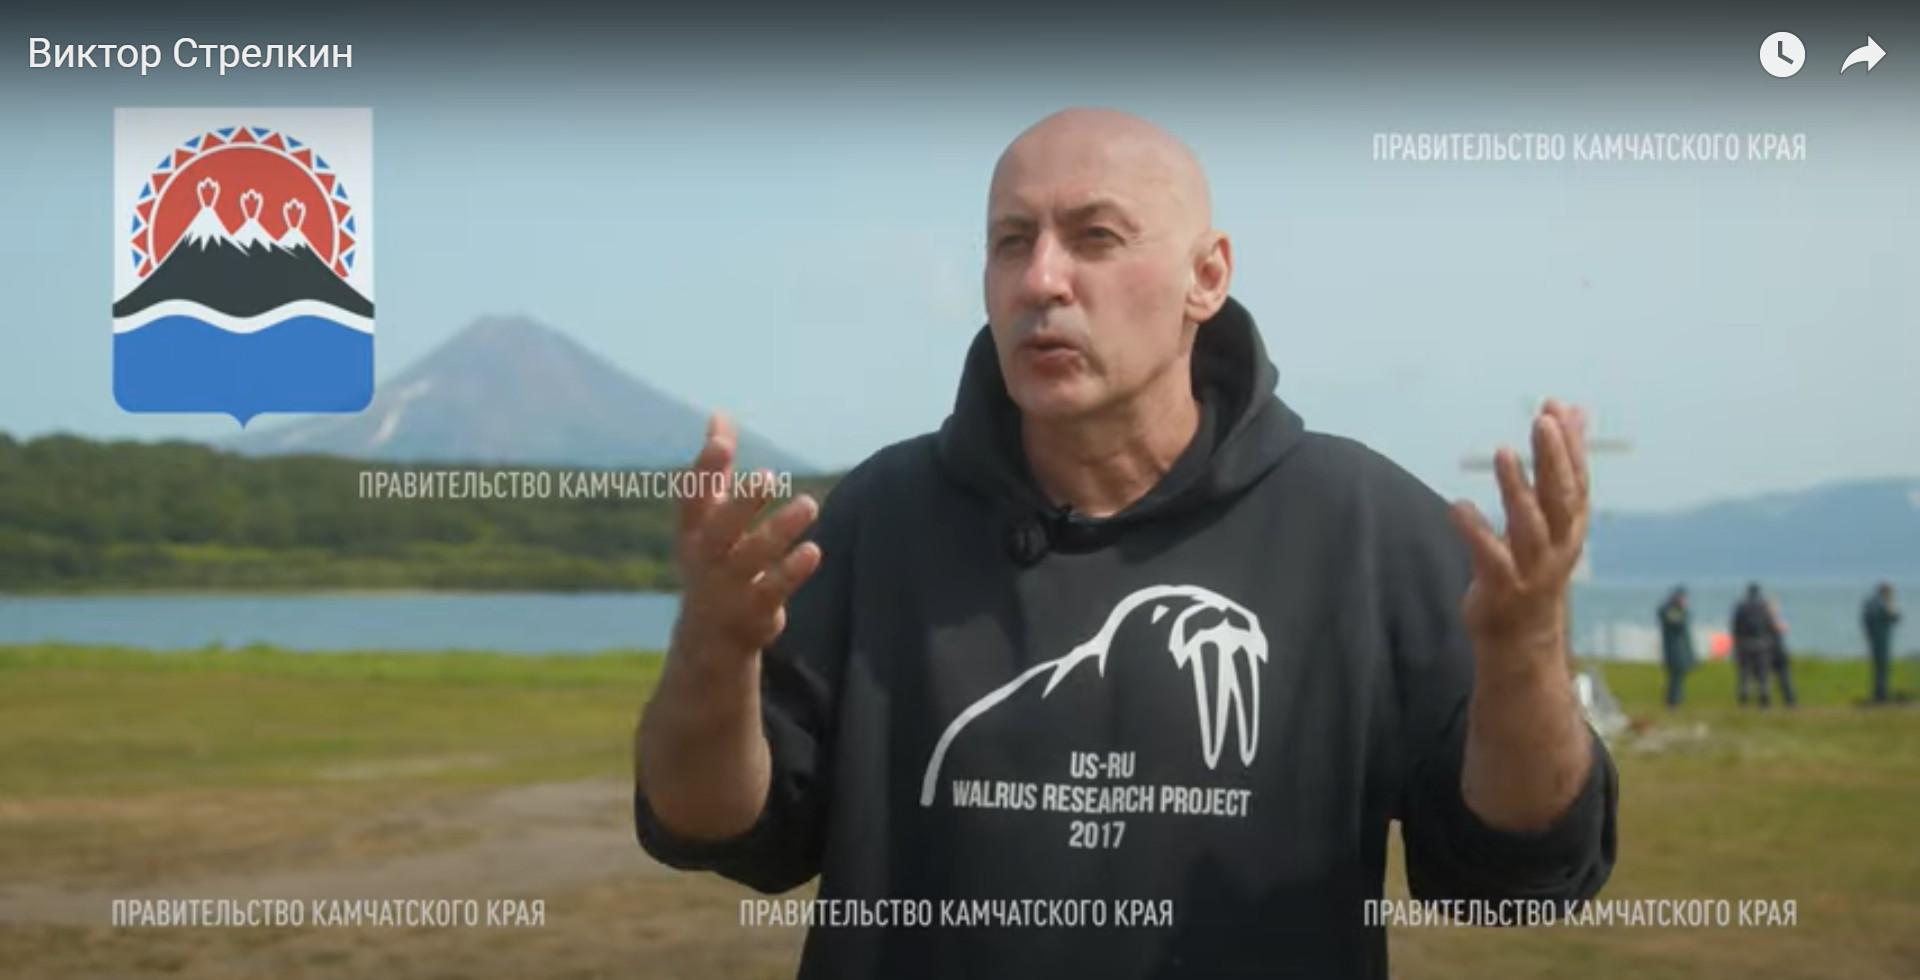 Кадр из видео правительства Камчатского края